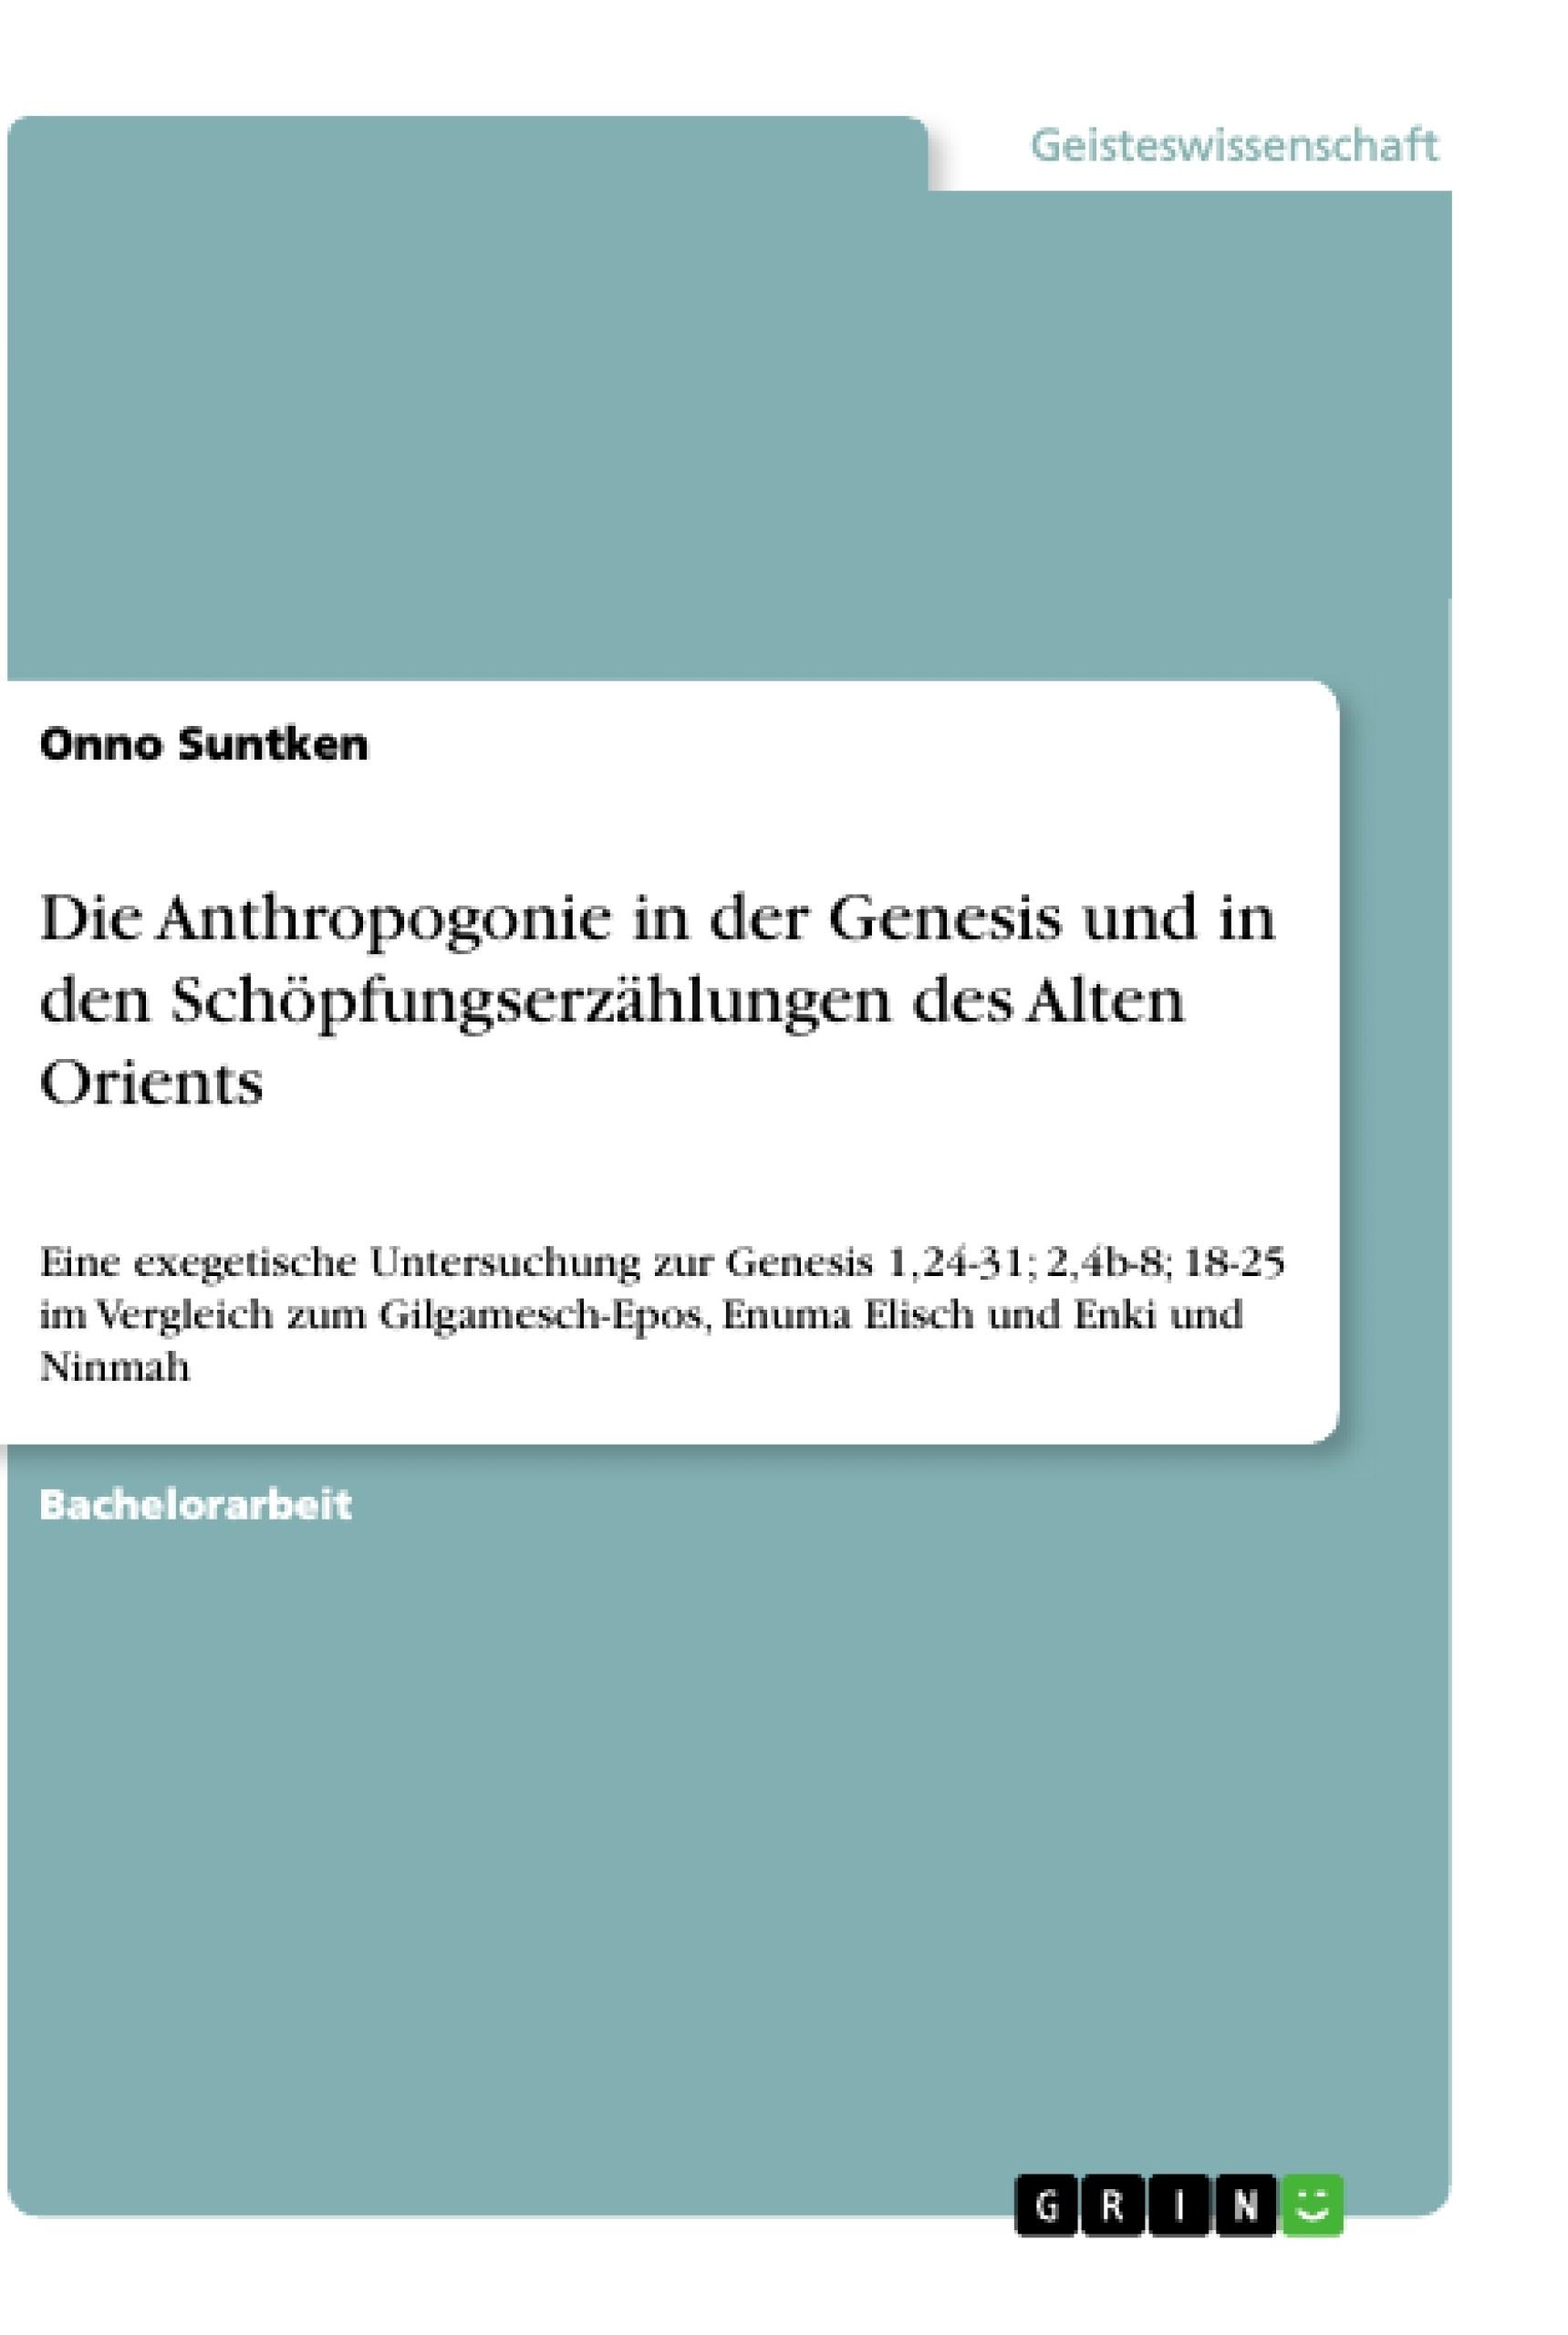 Titel: Die Anthropogonie in der Genesis und in den Schöpfungserzählungen des Alten Orients